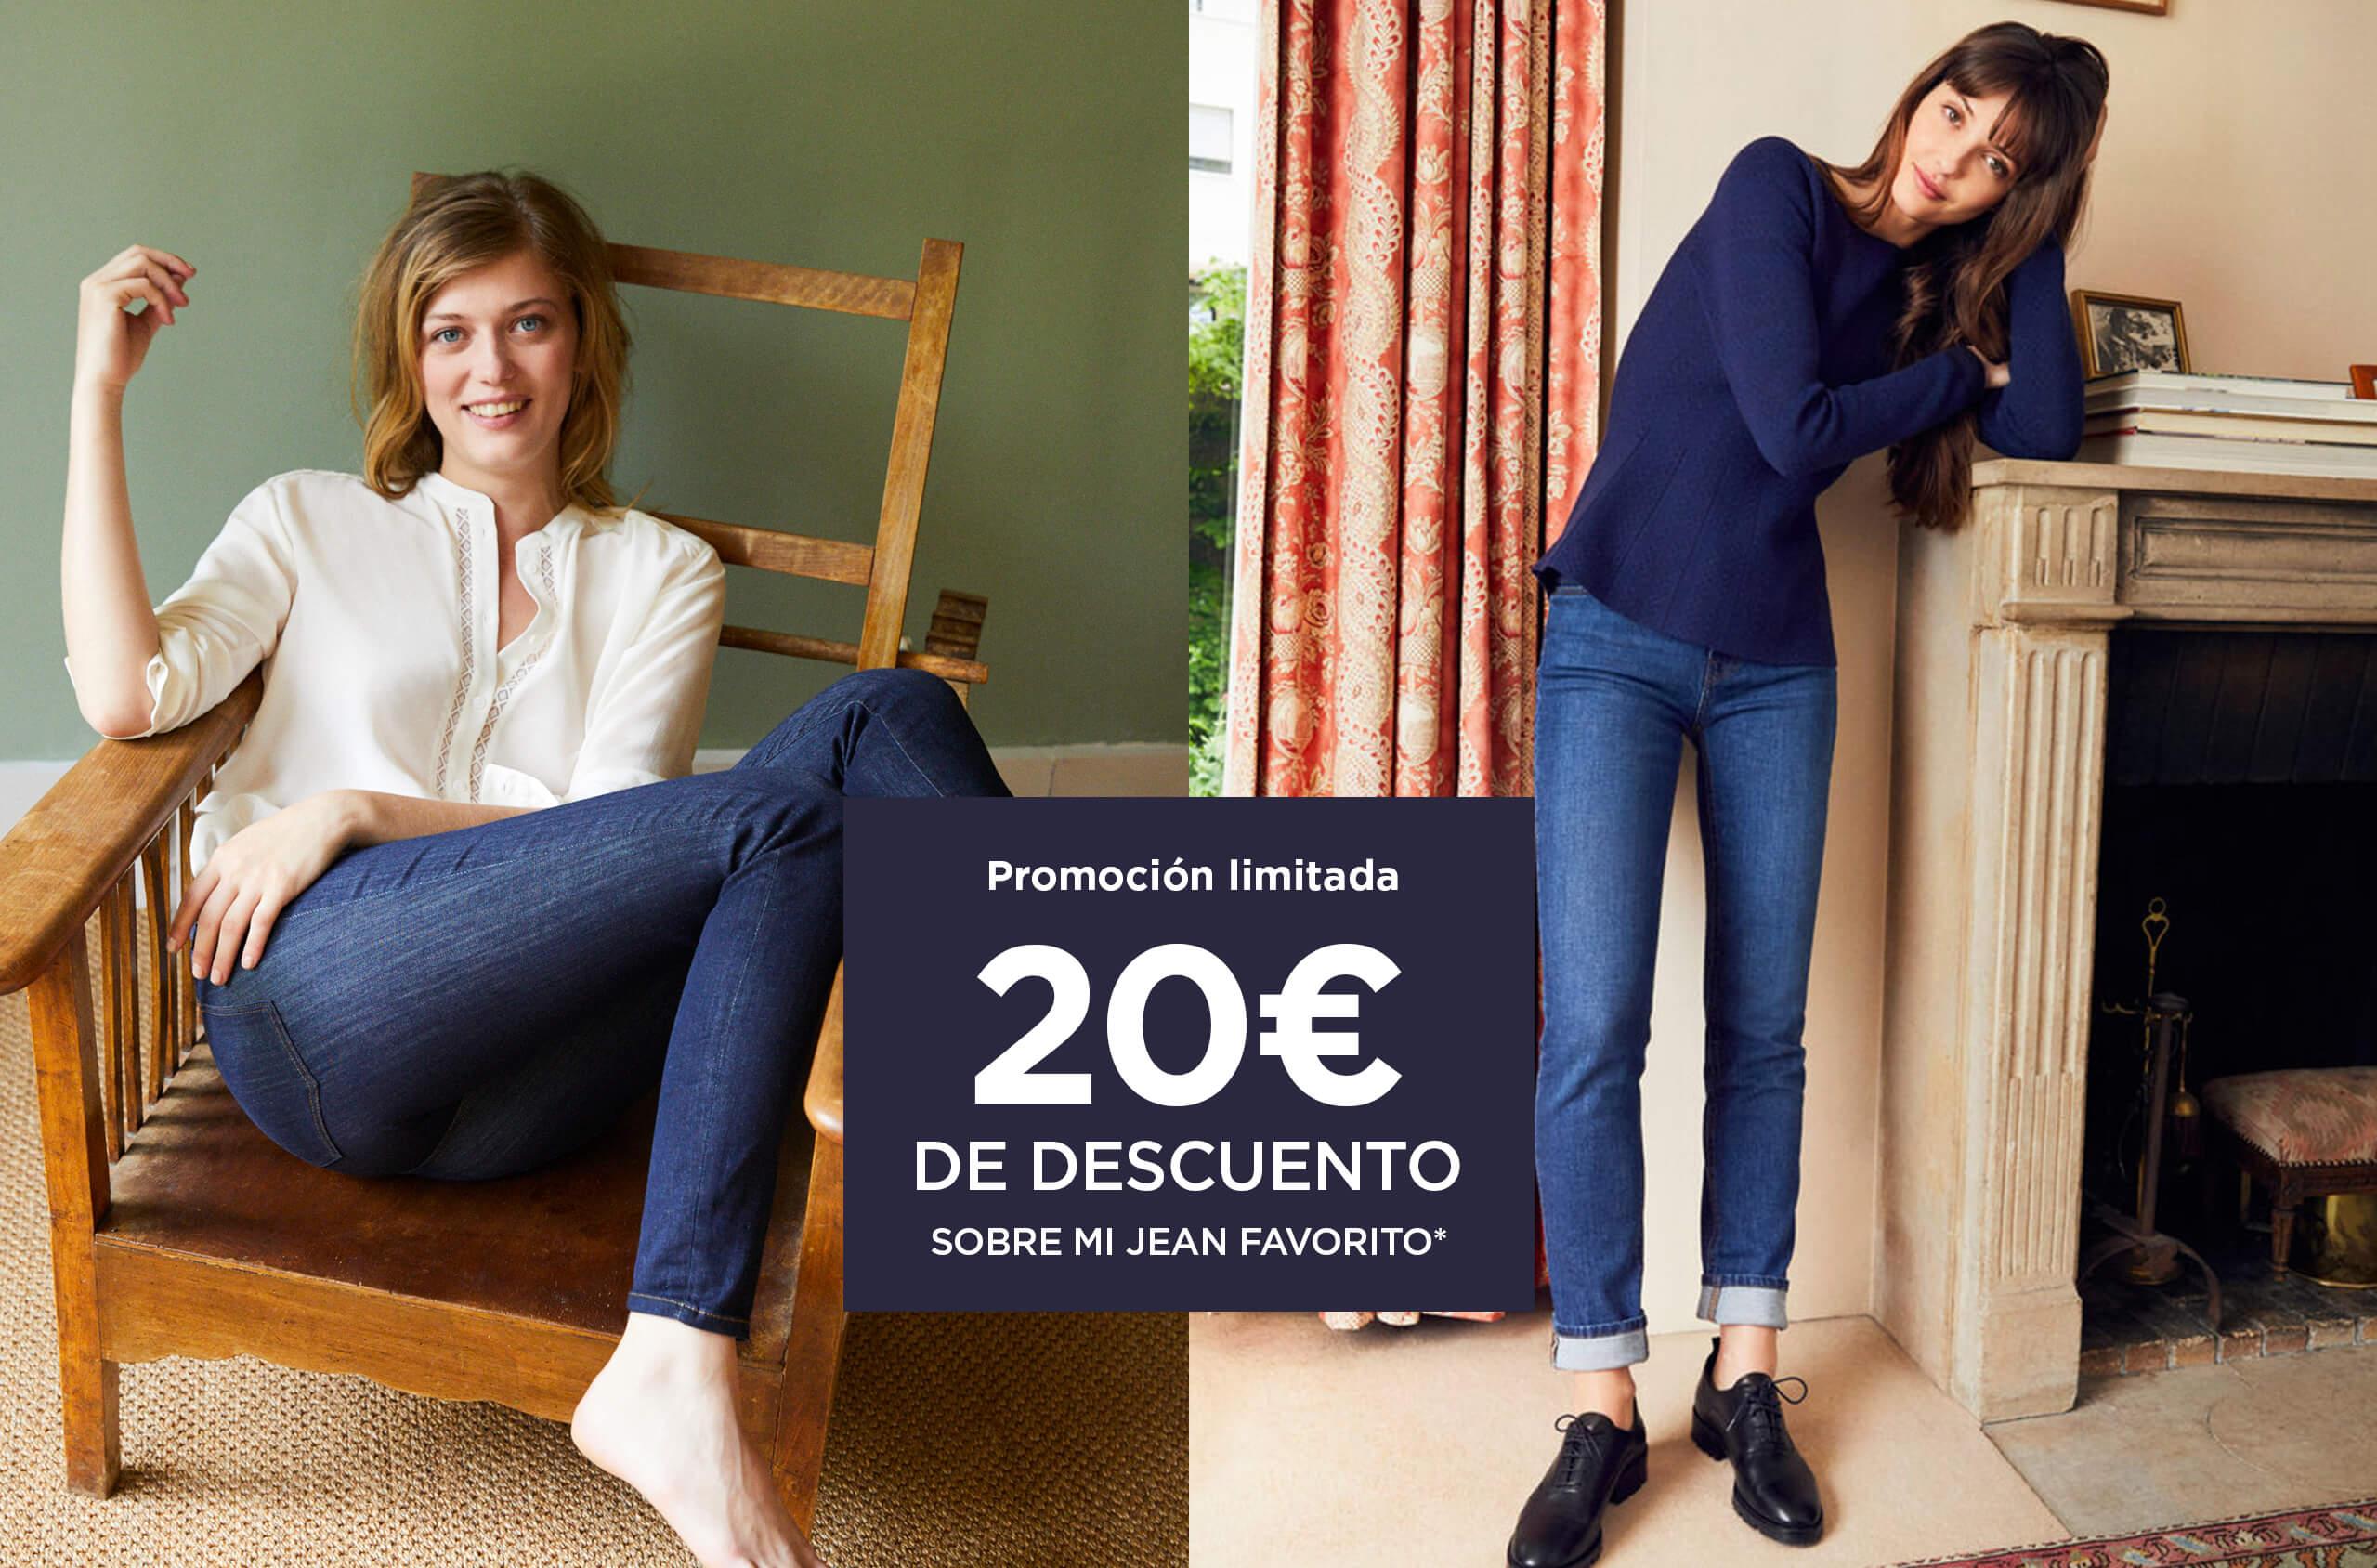 20€ de descuento sobre mi jean favorito